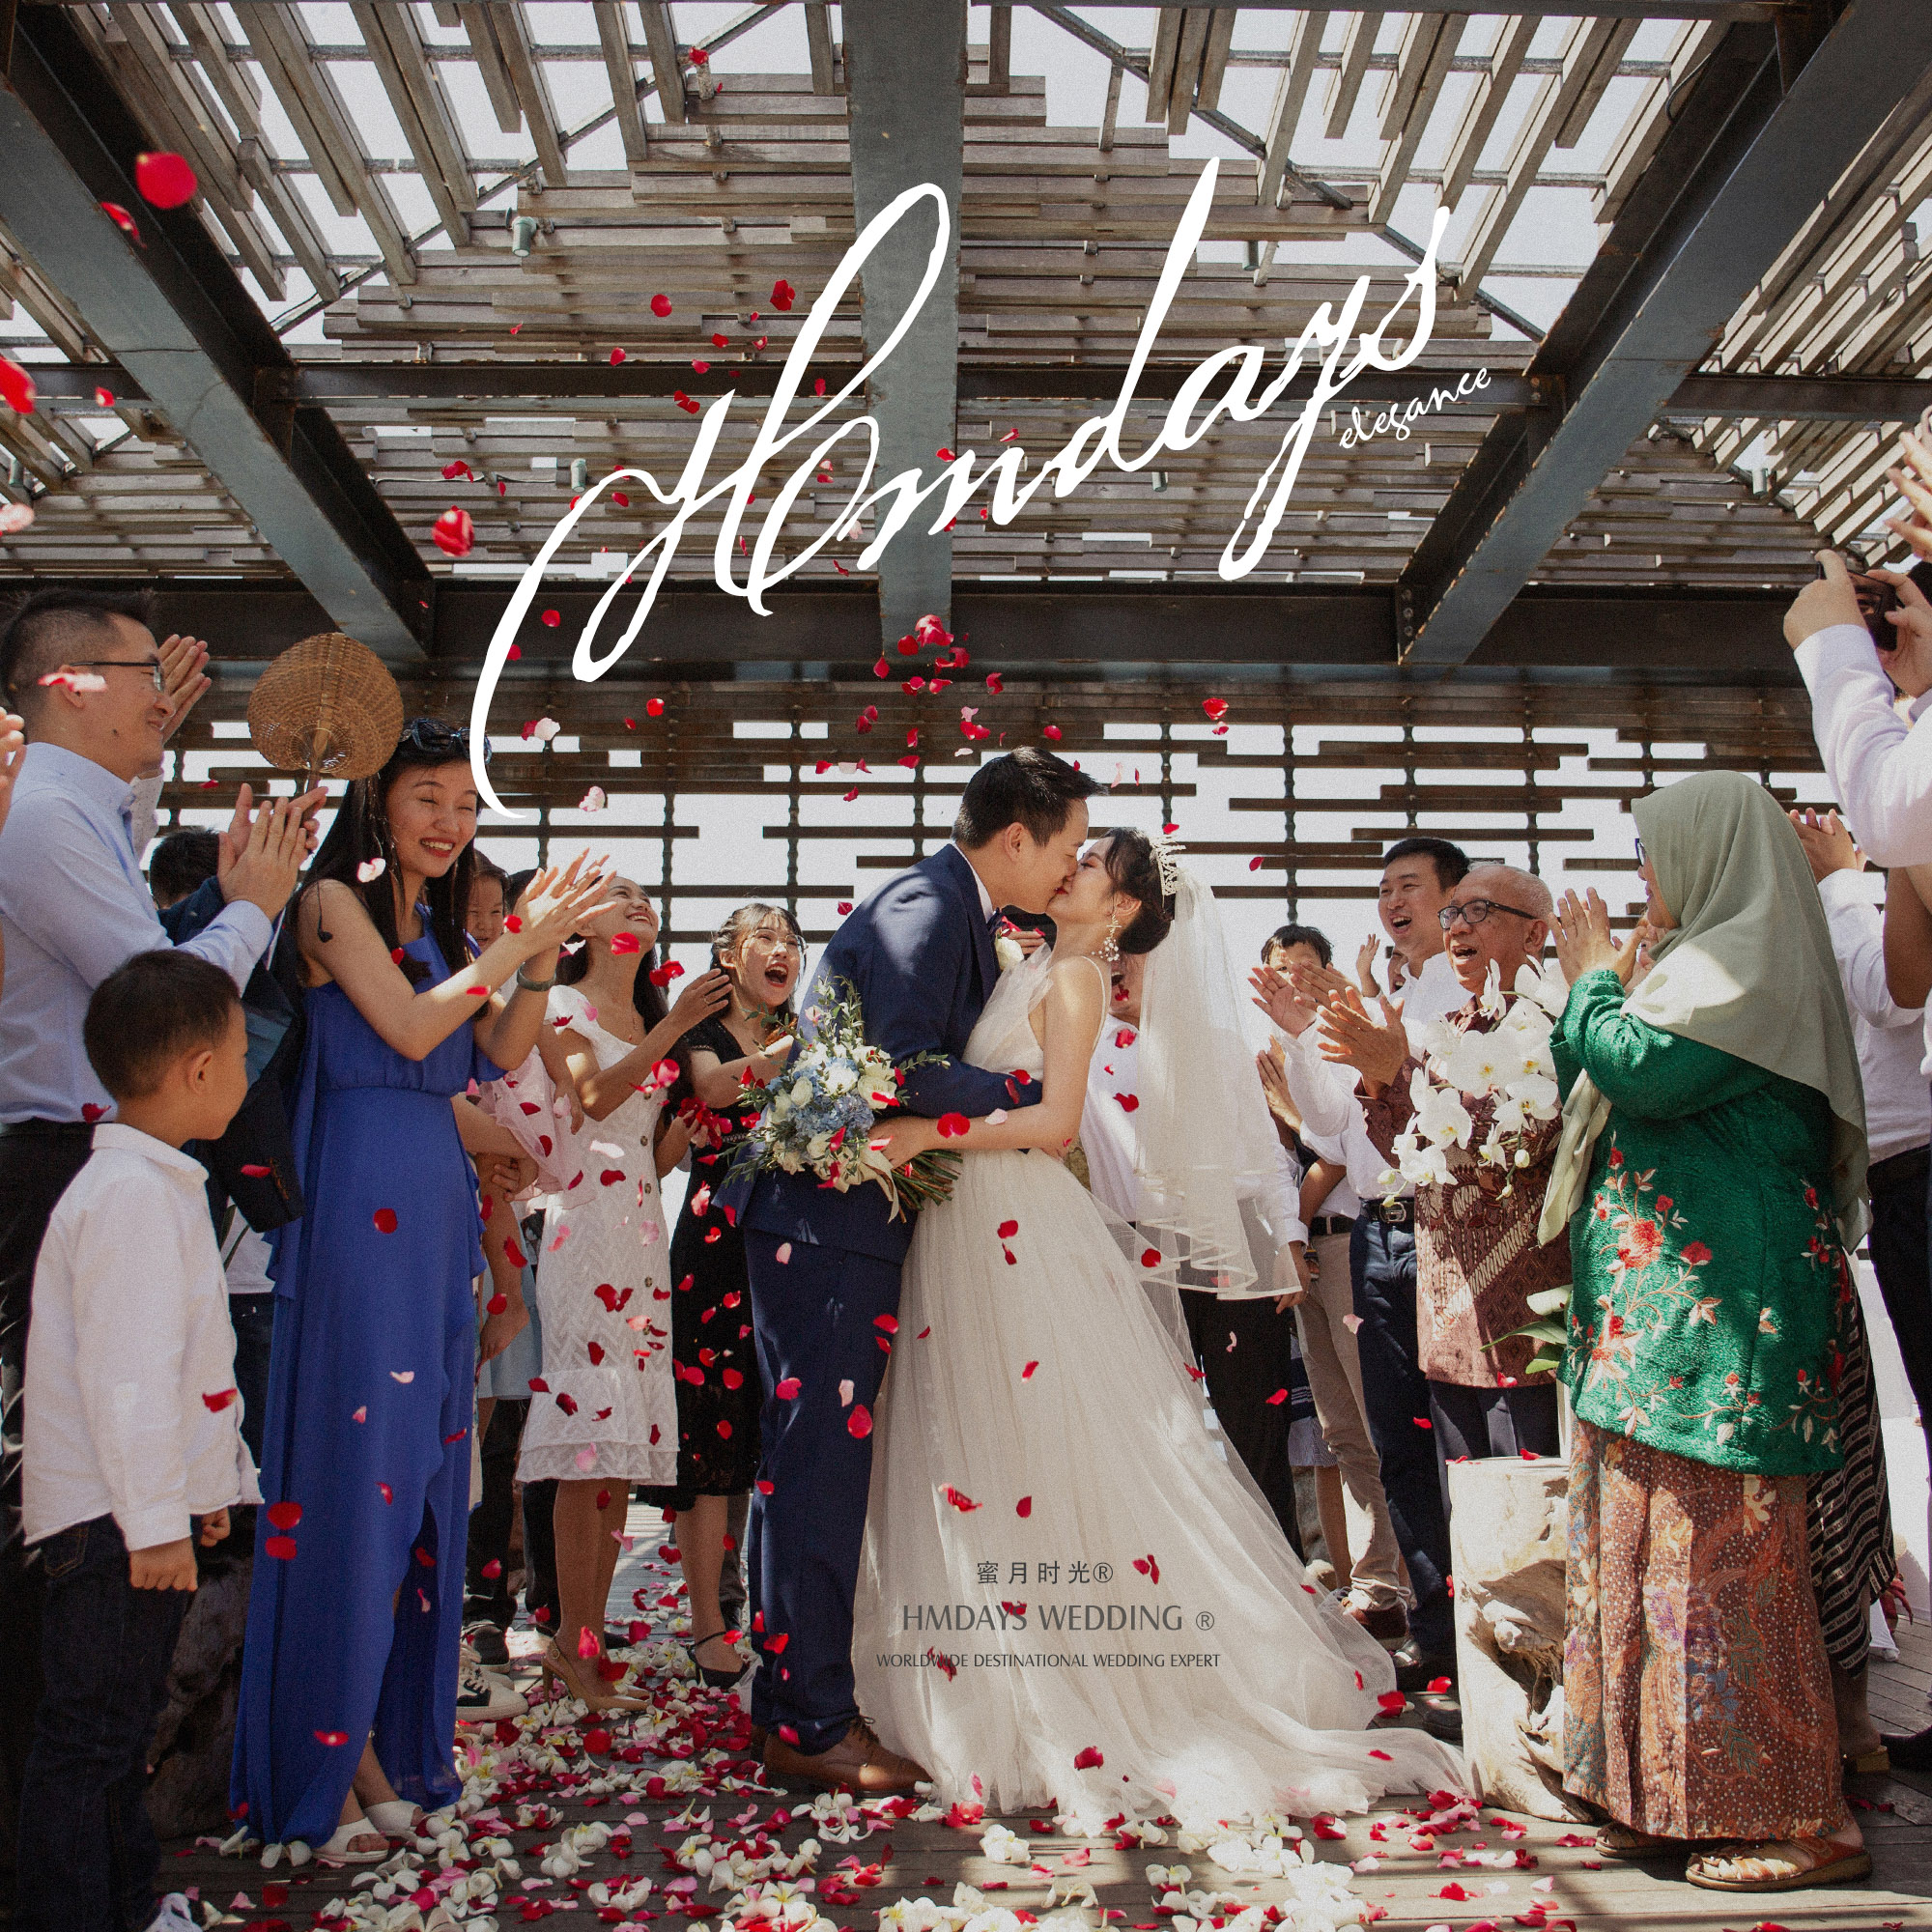 巴厘岛阿丽拉教堂婚礼|海外婚礼|海外婚纱摄影|照片